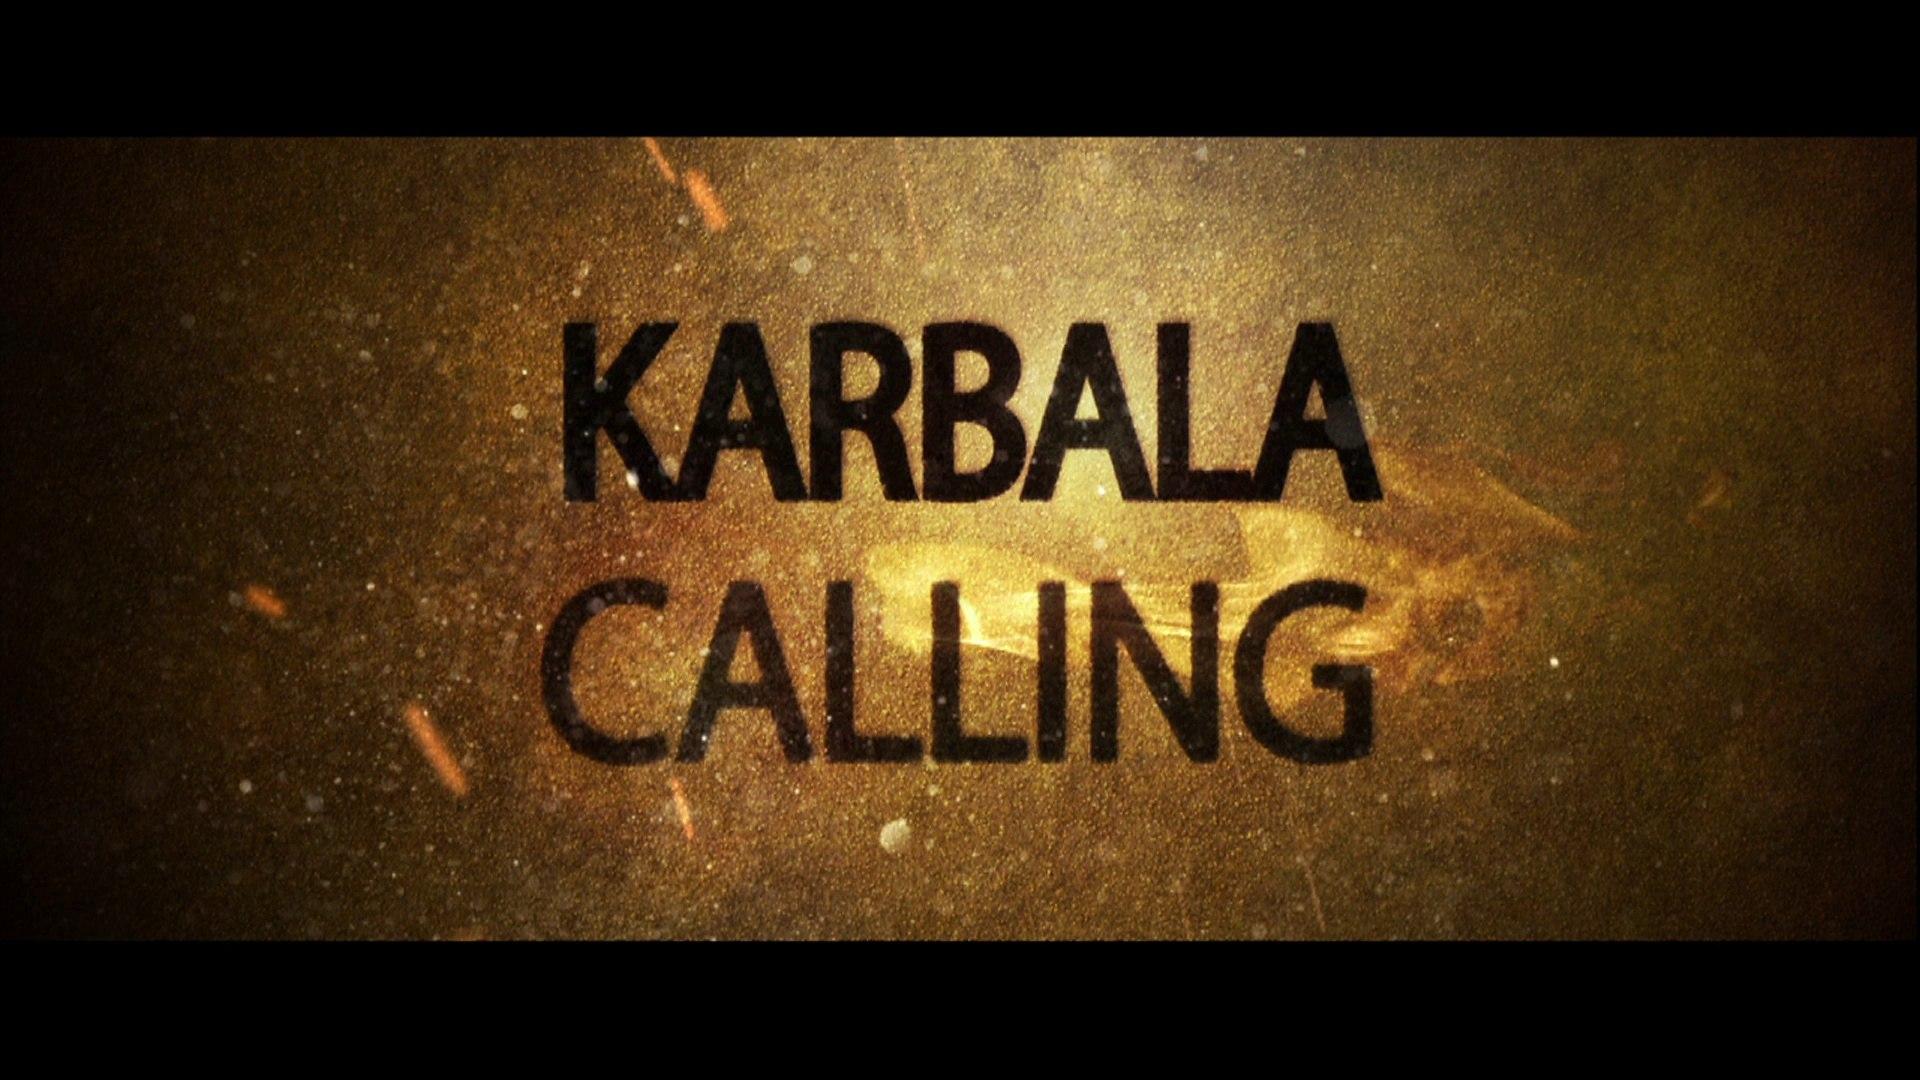 Karbala Calling